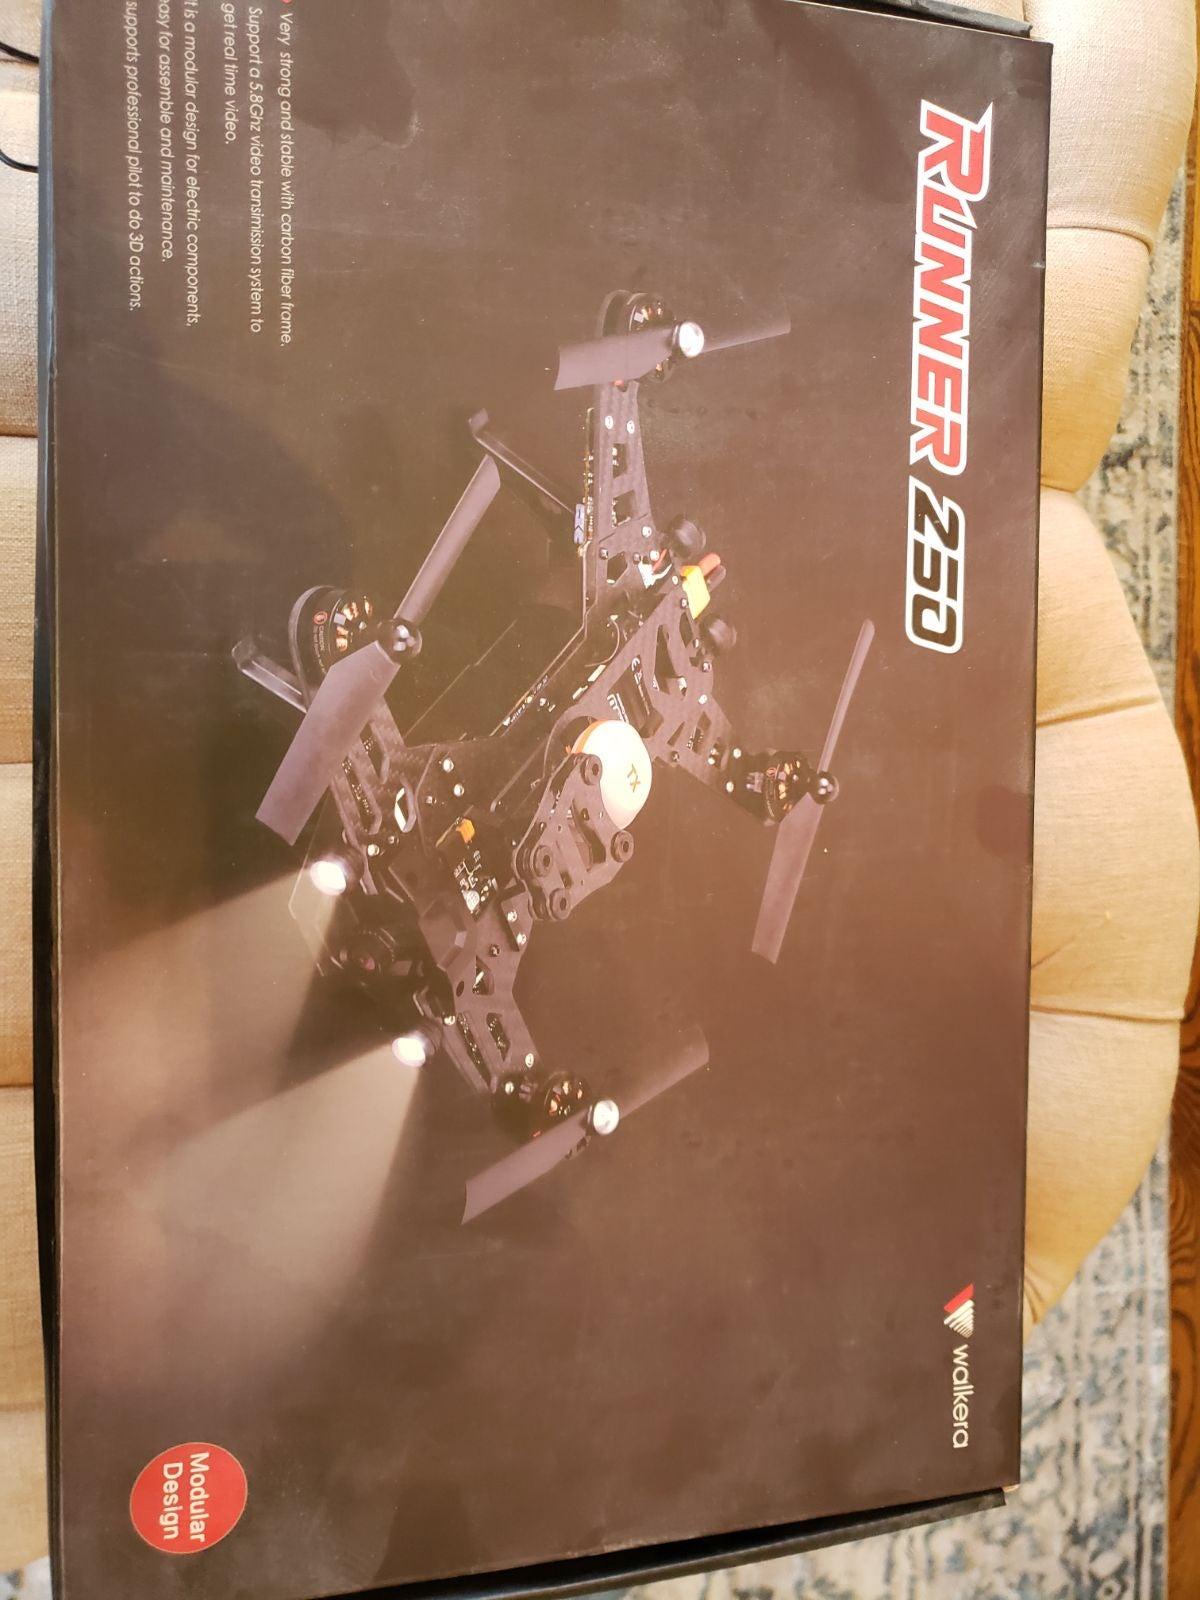 Walkera Runner250 racing drone RTF.